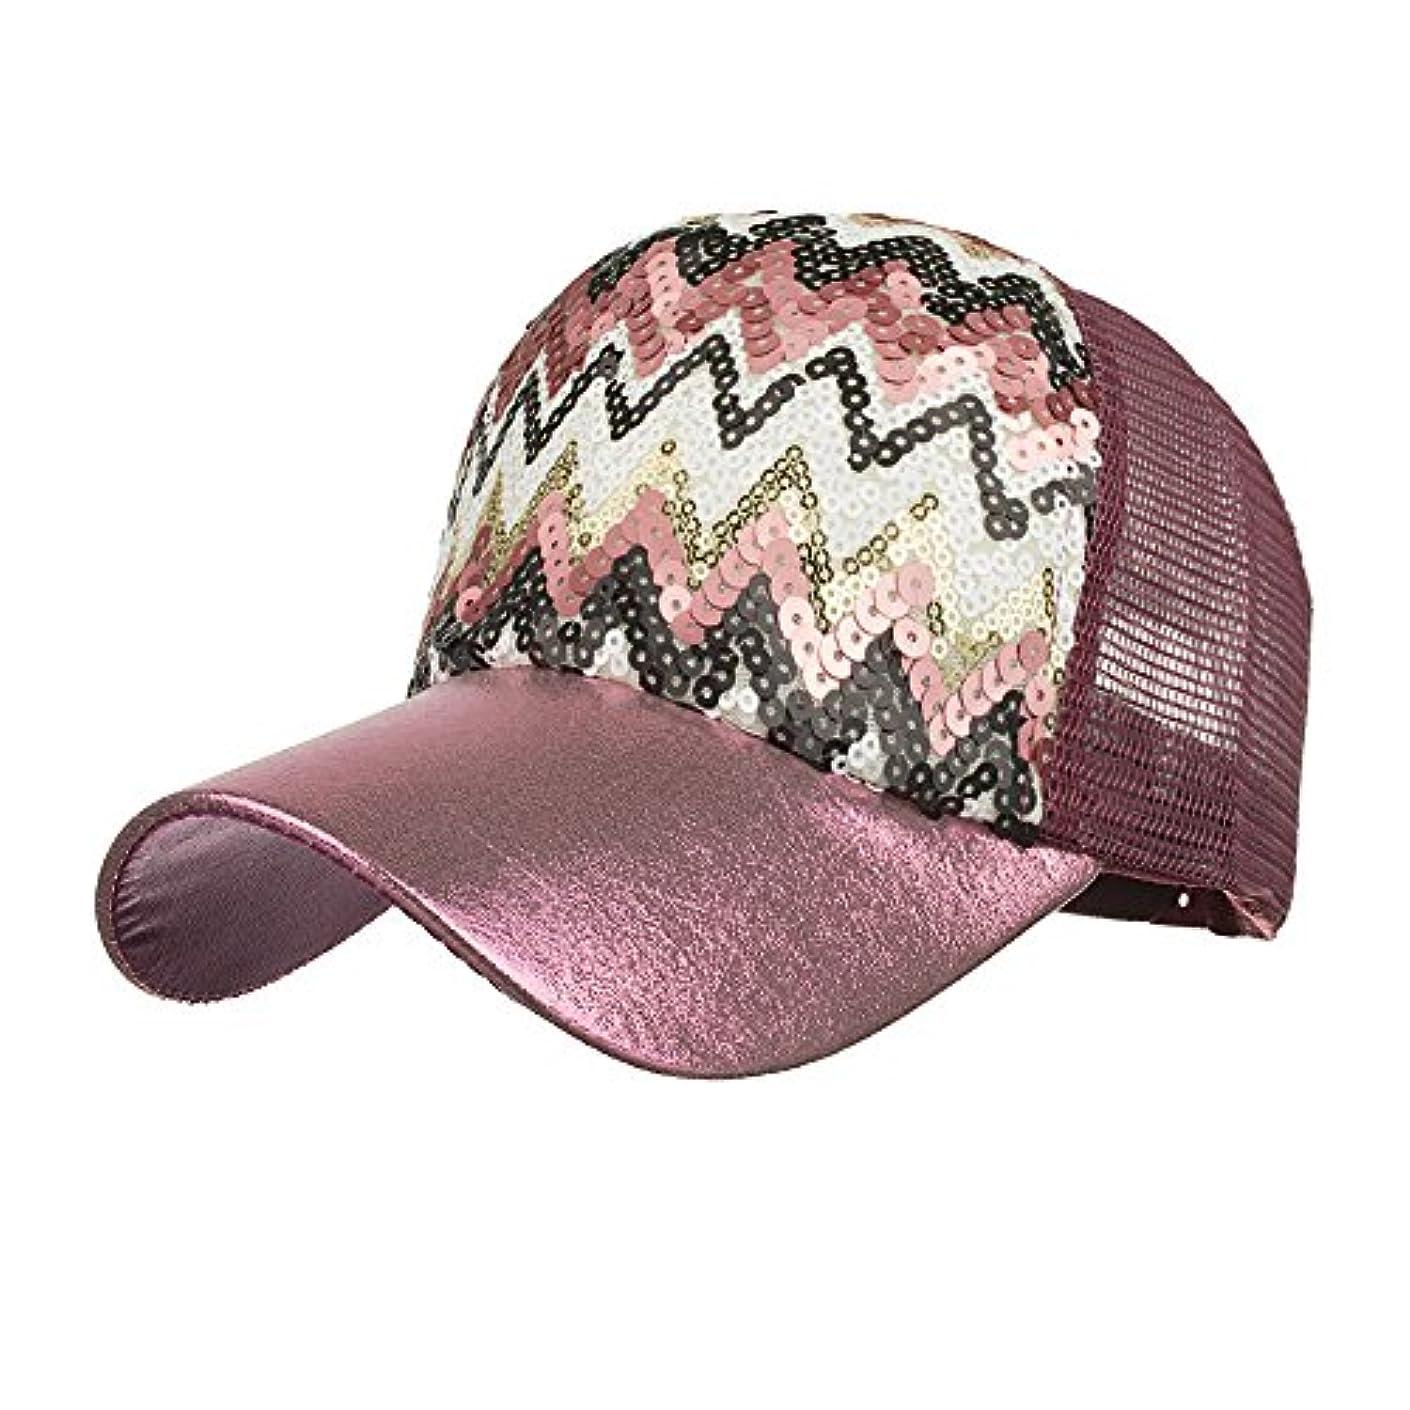 クーポンオーディション連隊Racazing Cap 輝く棒球帽 カラーマッチング 野球帽 ヒップホップ 通気性のある ラインストーン 帽子 夏 登山 アメリカの旗 可調整可能 男女兼用 UV 帽子 軽量 屋外 メッシュ Unisex Cap (紫の)